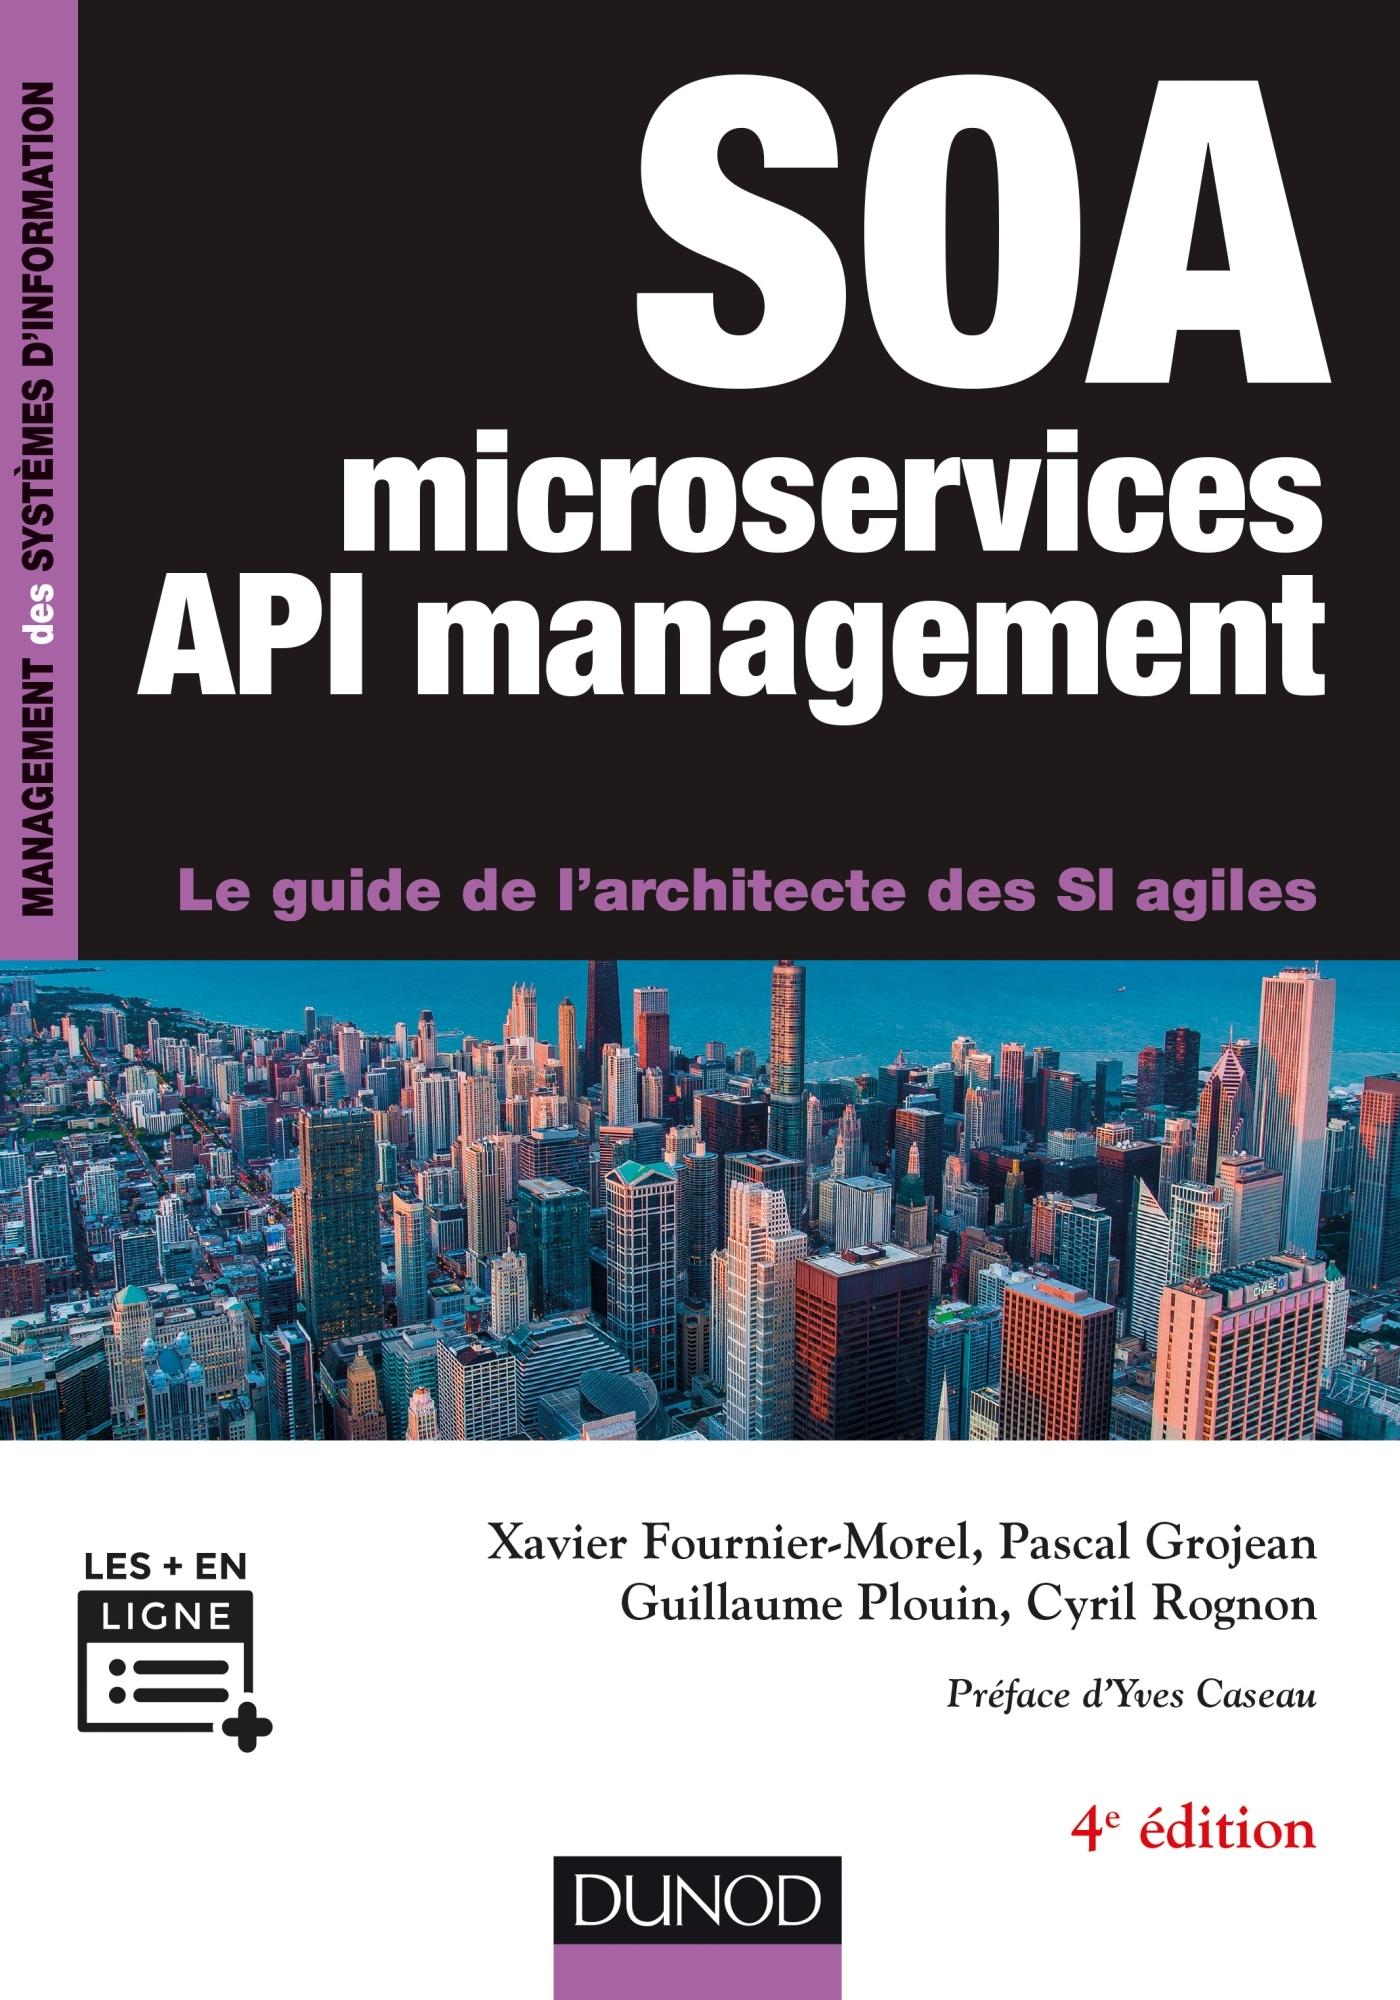 Soa microservices et api management le guide de l 39 architecte des si a - Guide de l architecte minecraft ...